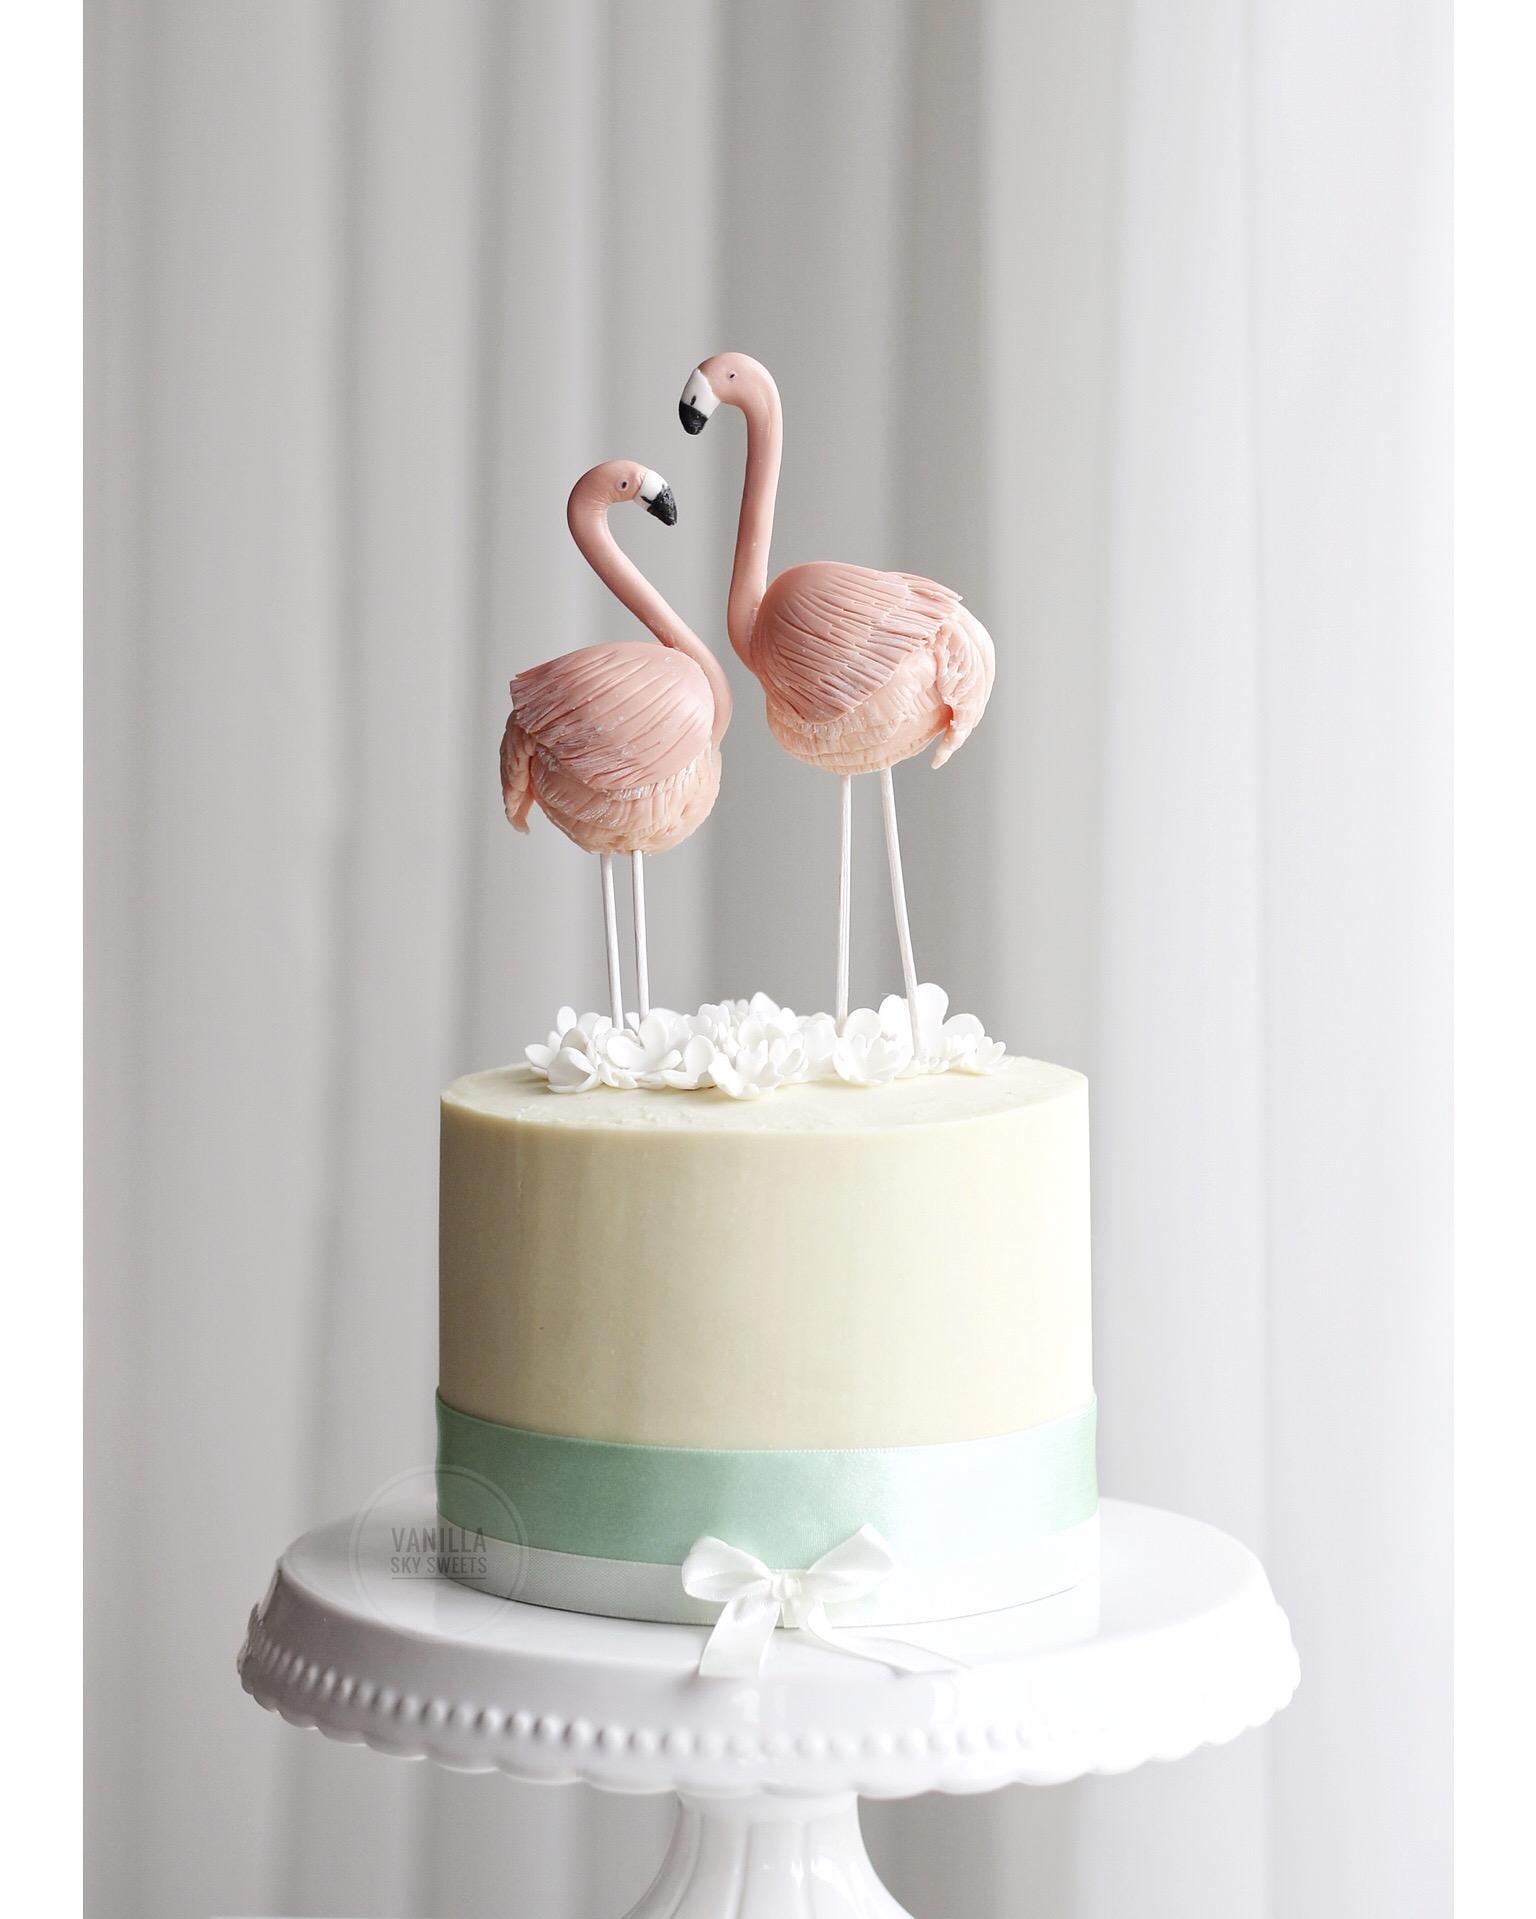 Flamingo topper on a pastel yellow mini cake